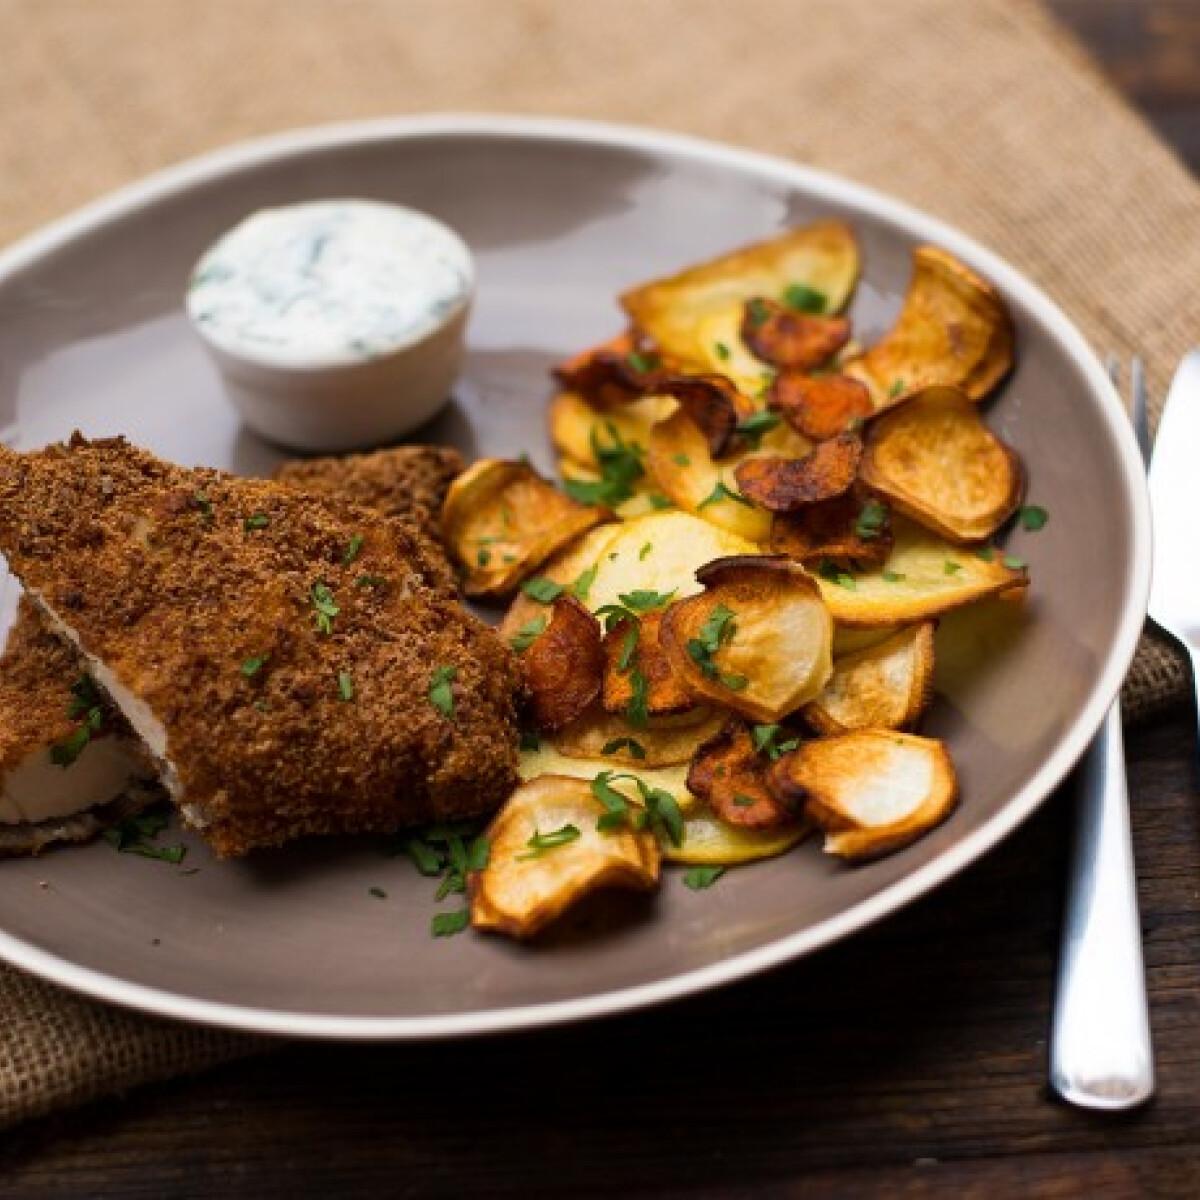 Citromos rántott csirke zöldségchipsszel és zöldfűszeres mártogatóssal